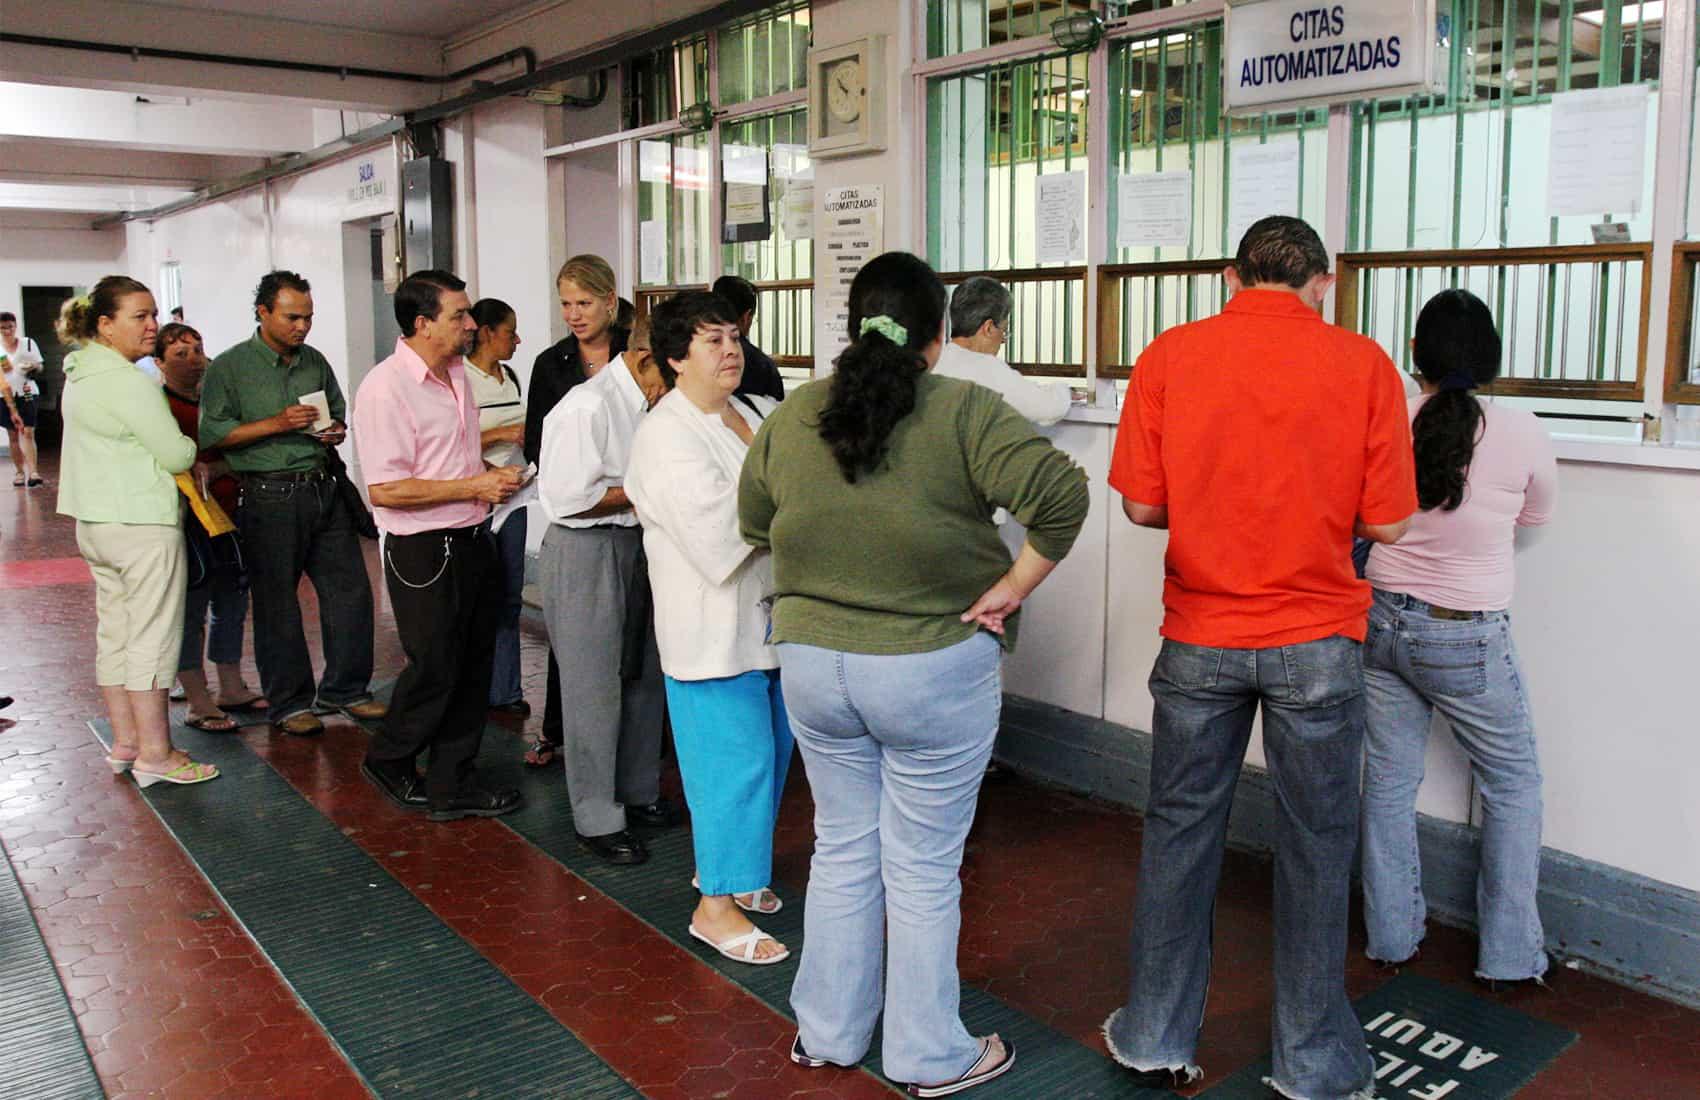 Lines at Caja's public hospitals